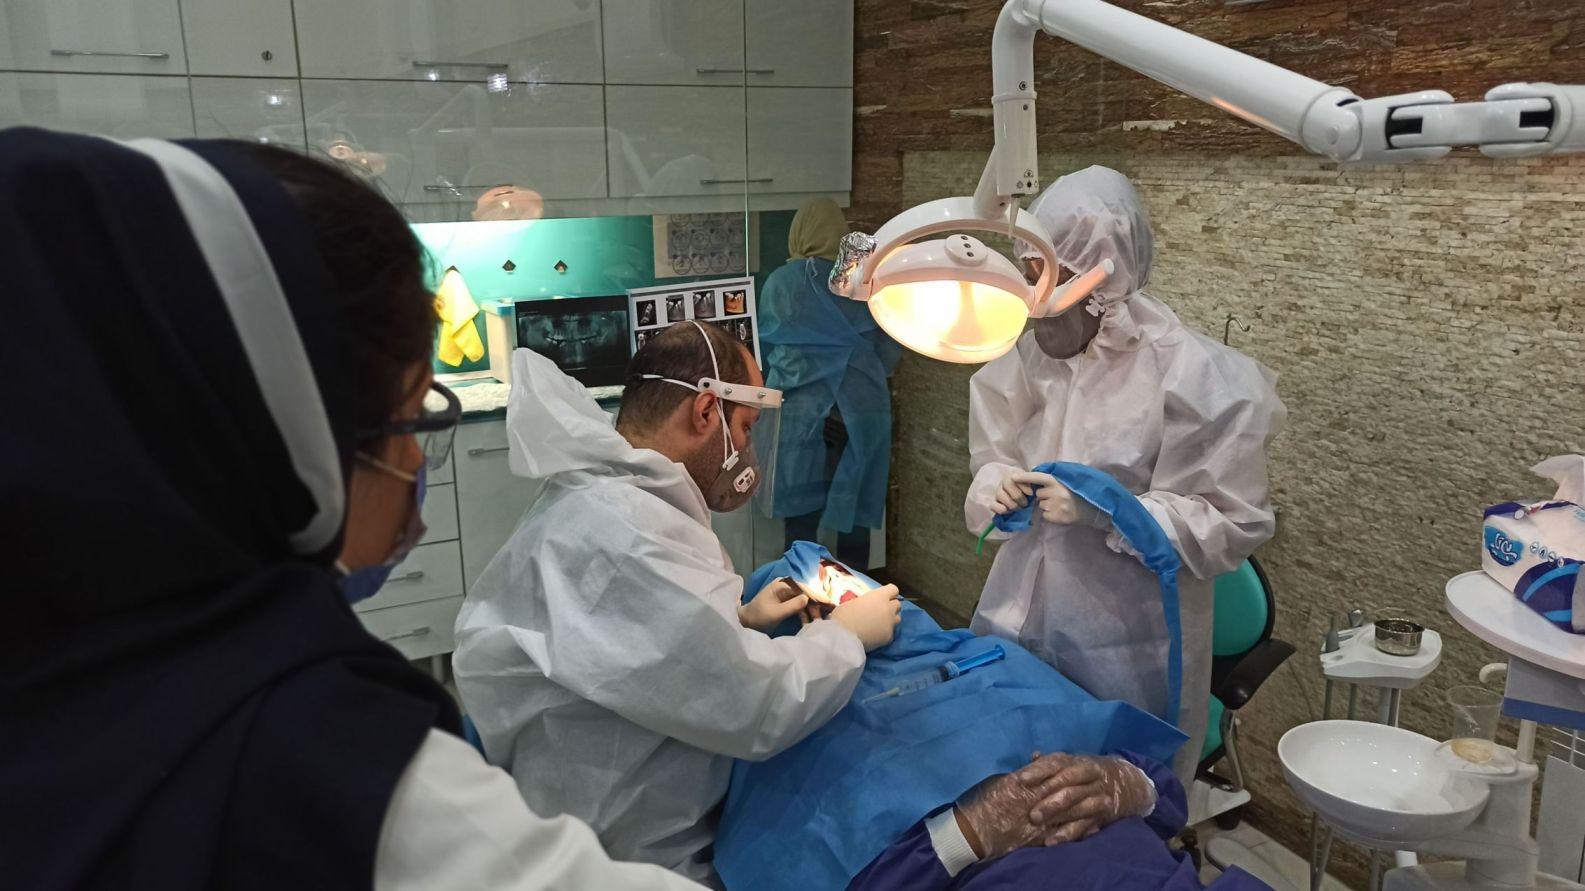 پوزیشن قرار گیری دستیار ، دندانپزشک و بیمار – قسمت نهم